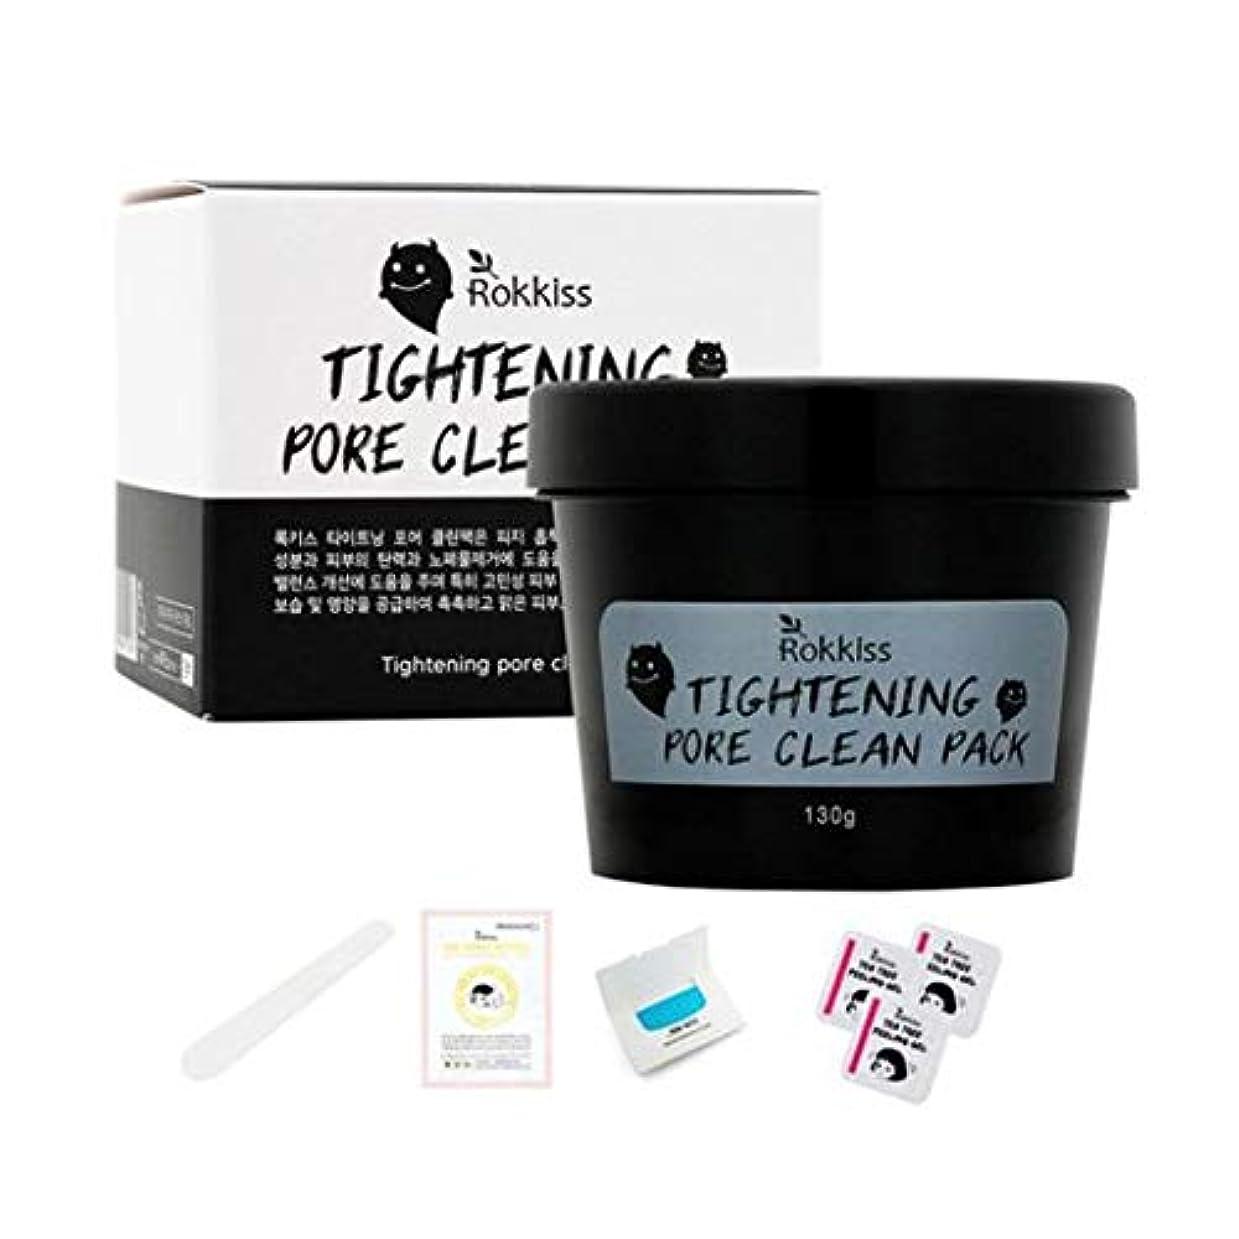 動物治療免疫【Rokkis] Tightening Pore Clean Pack/強力な吸着毛穴パックセット/カオリン、ベントナイト、マッド成分含有/皮脂除去/毛穴収縮/追加4種プレゼント贈呈[並行輸入品]